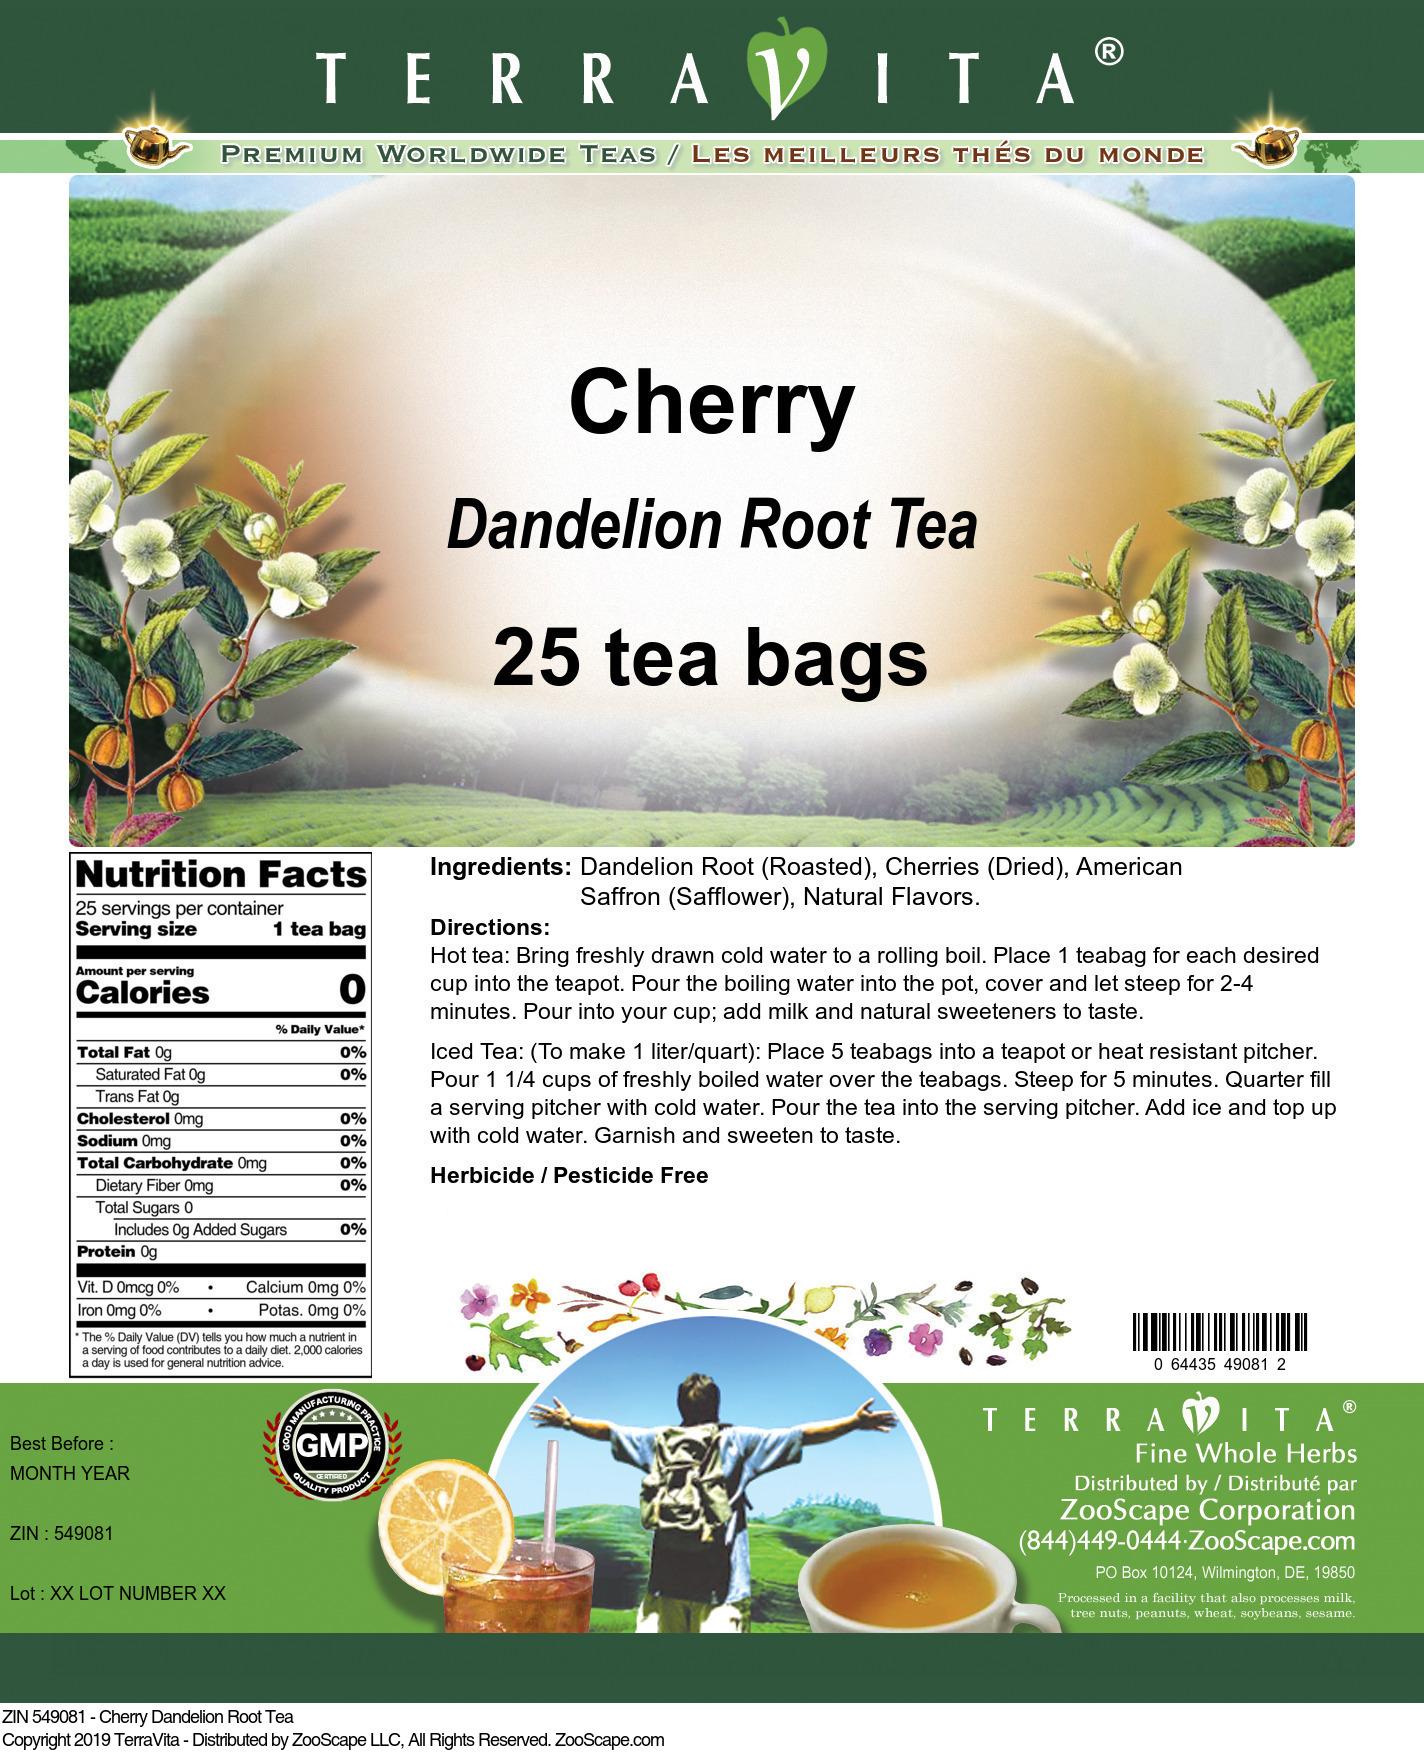 Cherry Dandelion Root Tea